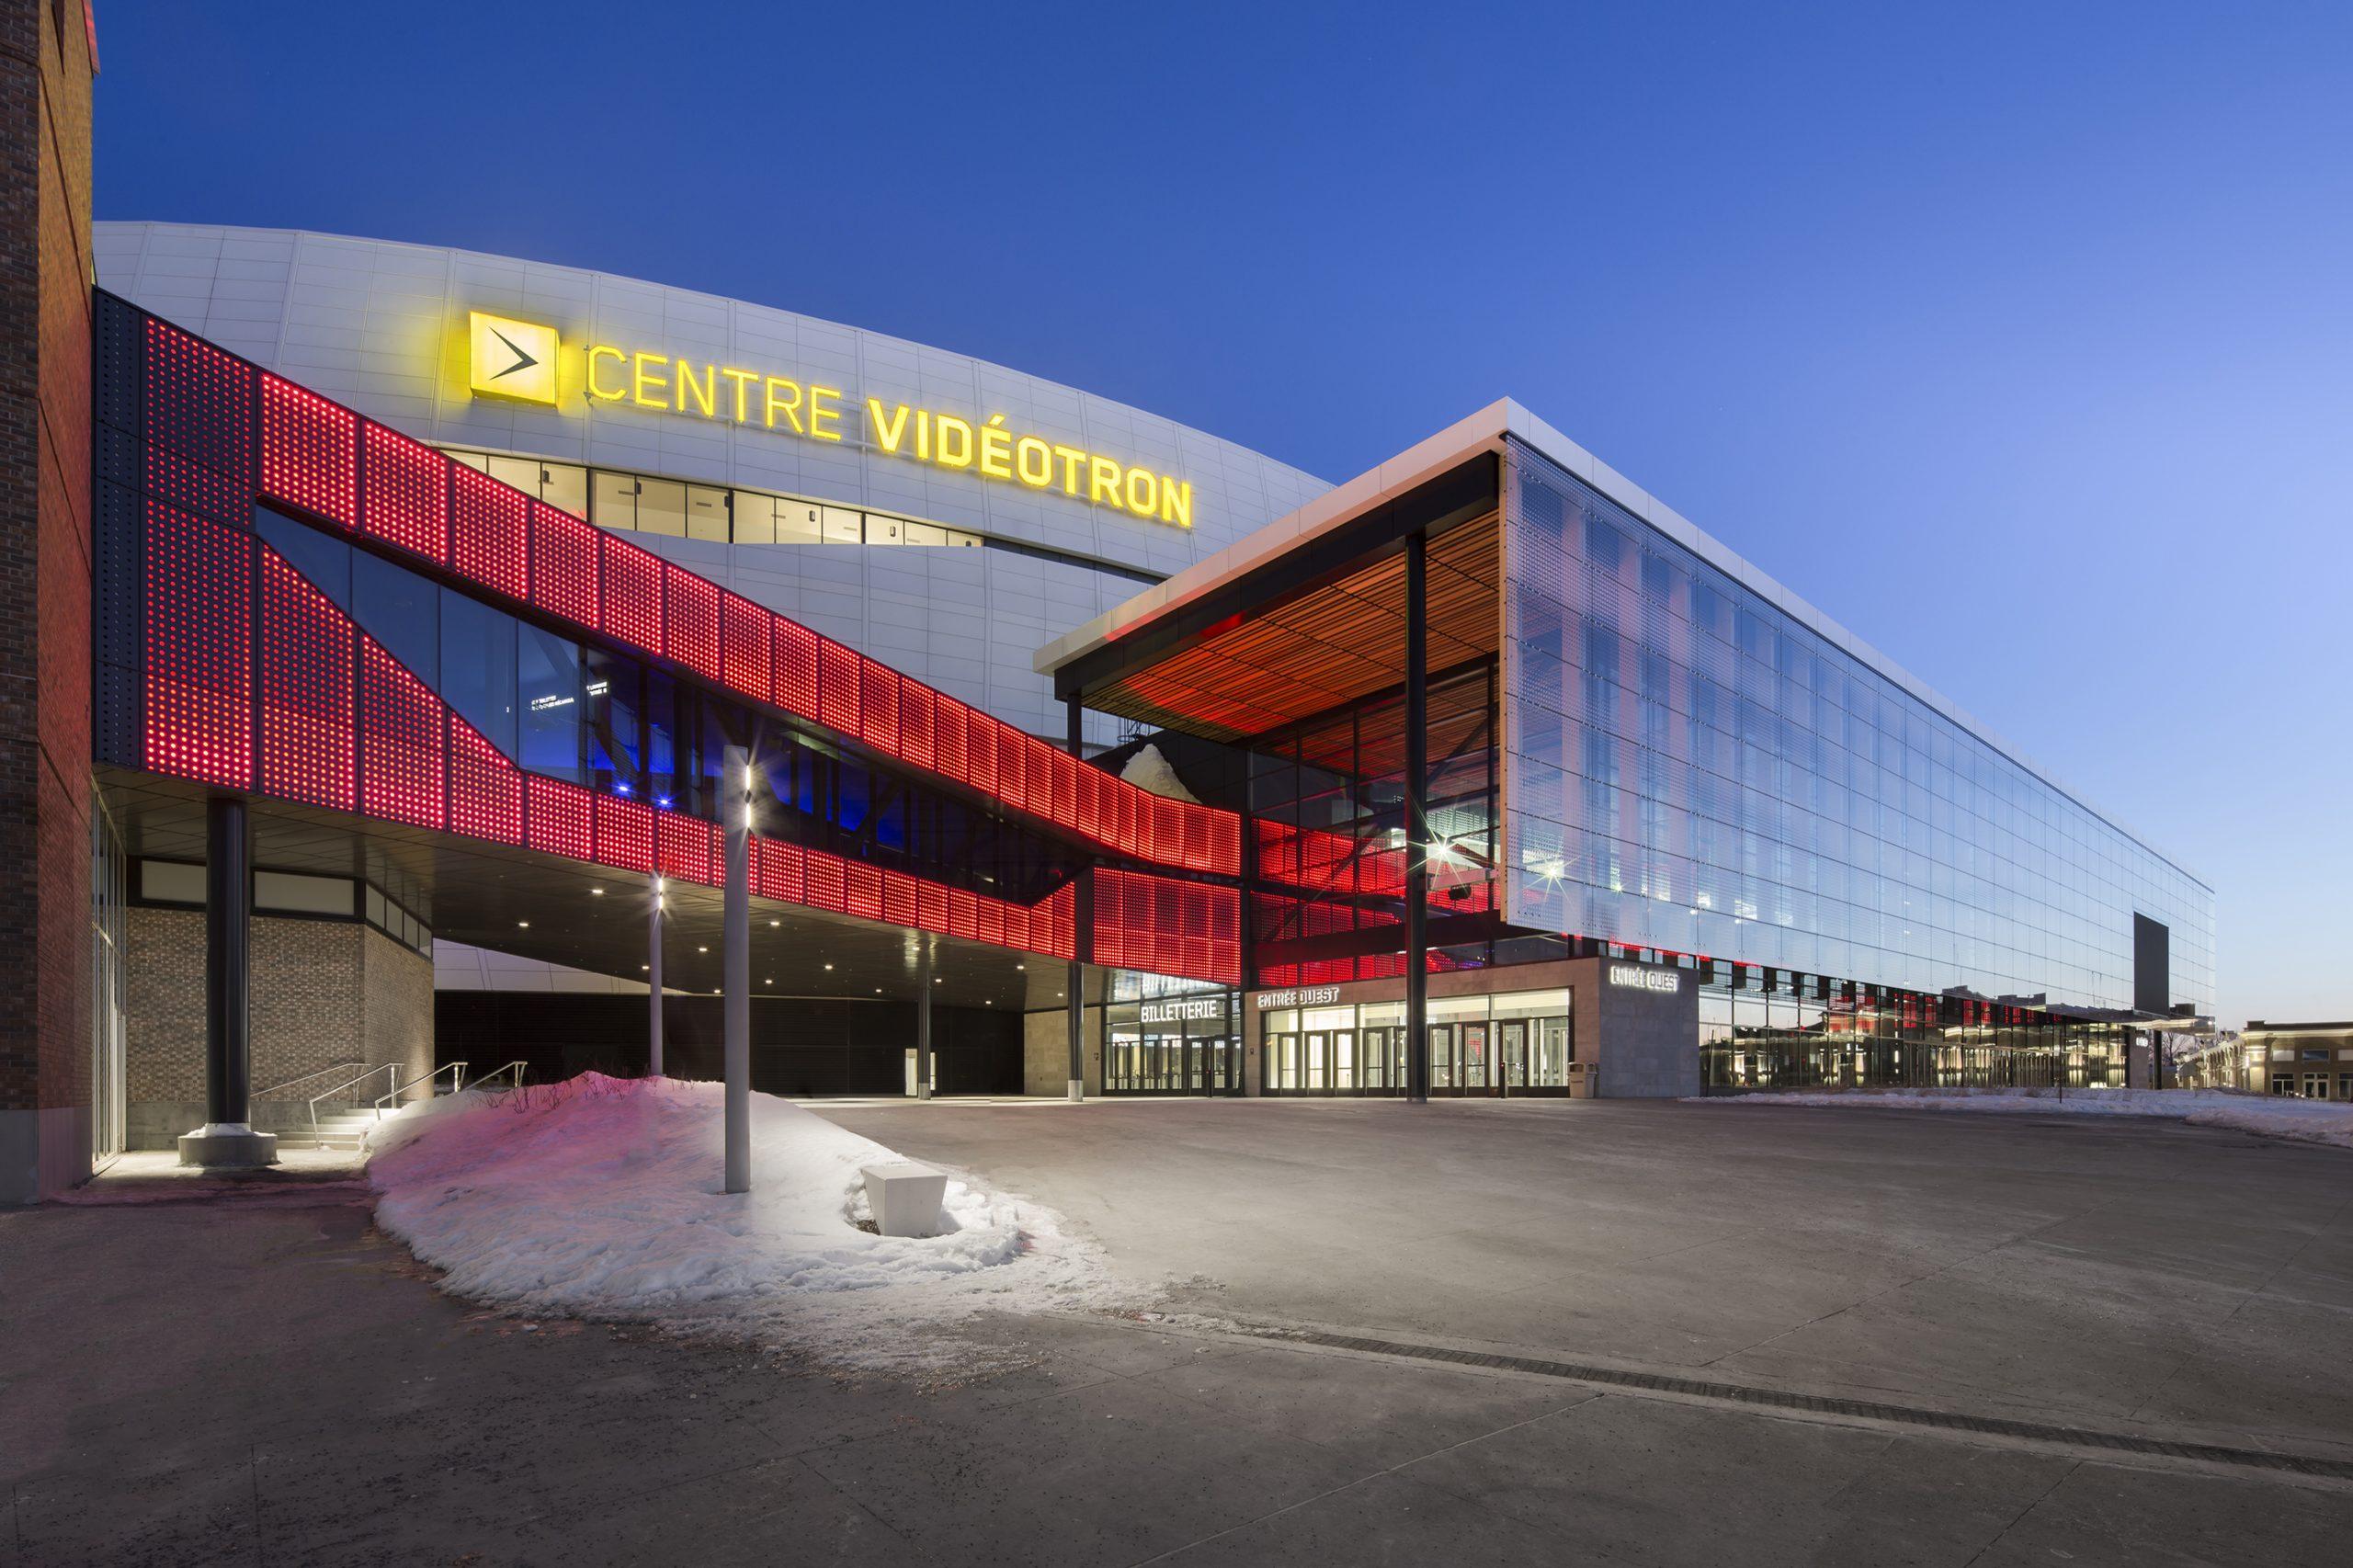 Centre Vidéotron Cecobois 5